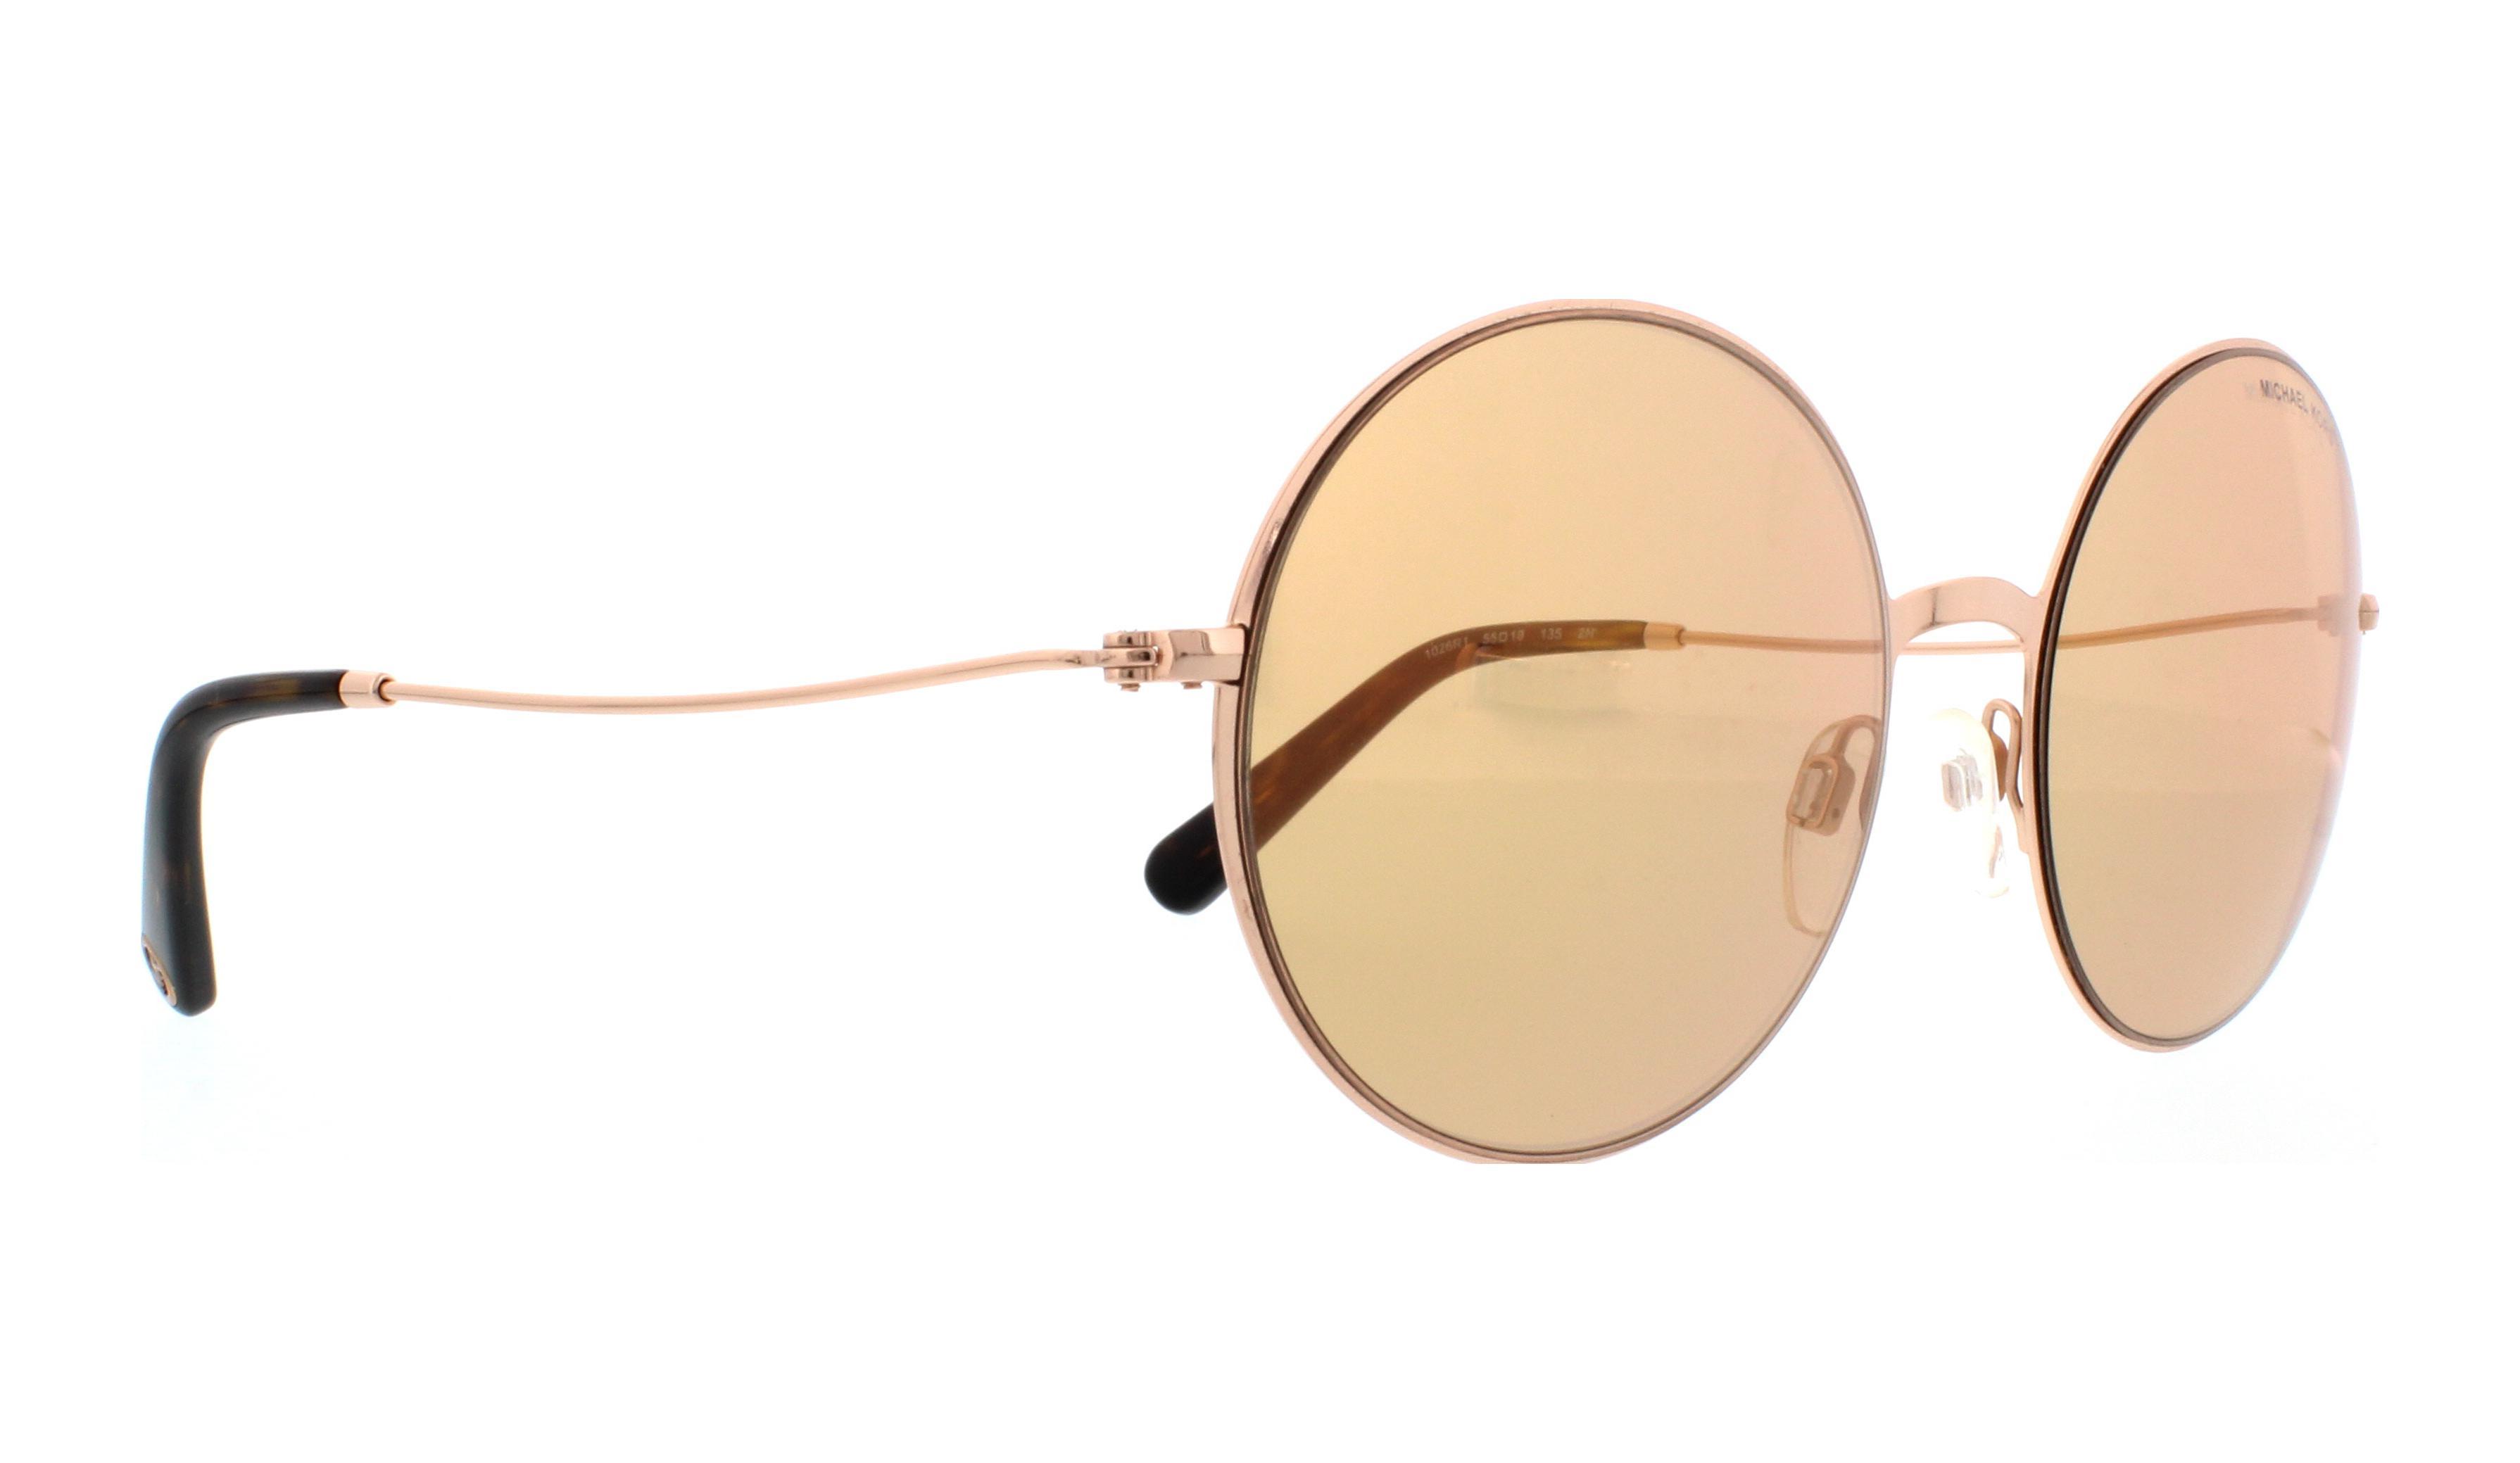 b0ac895f22d Designer Frames Outlet. Michael Kors MK5017 Kendall II